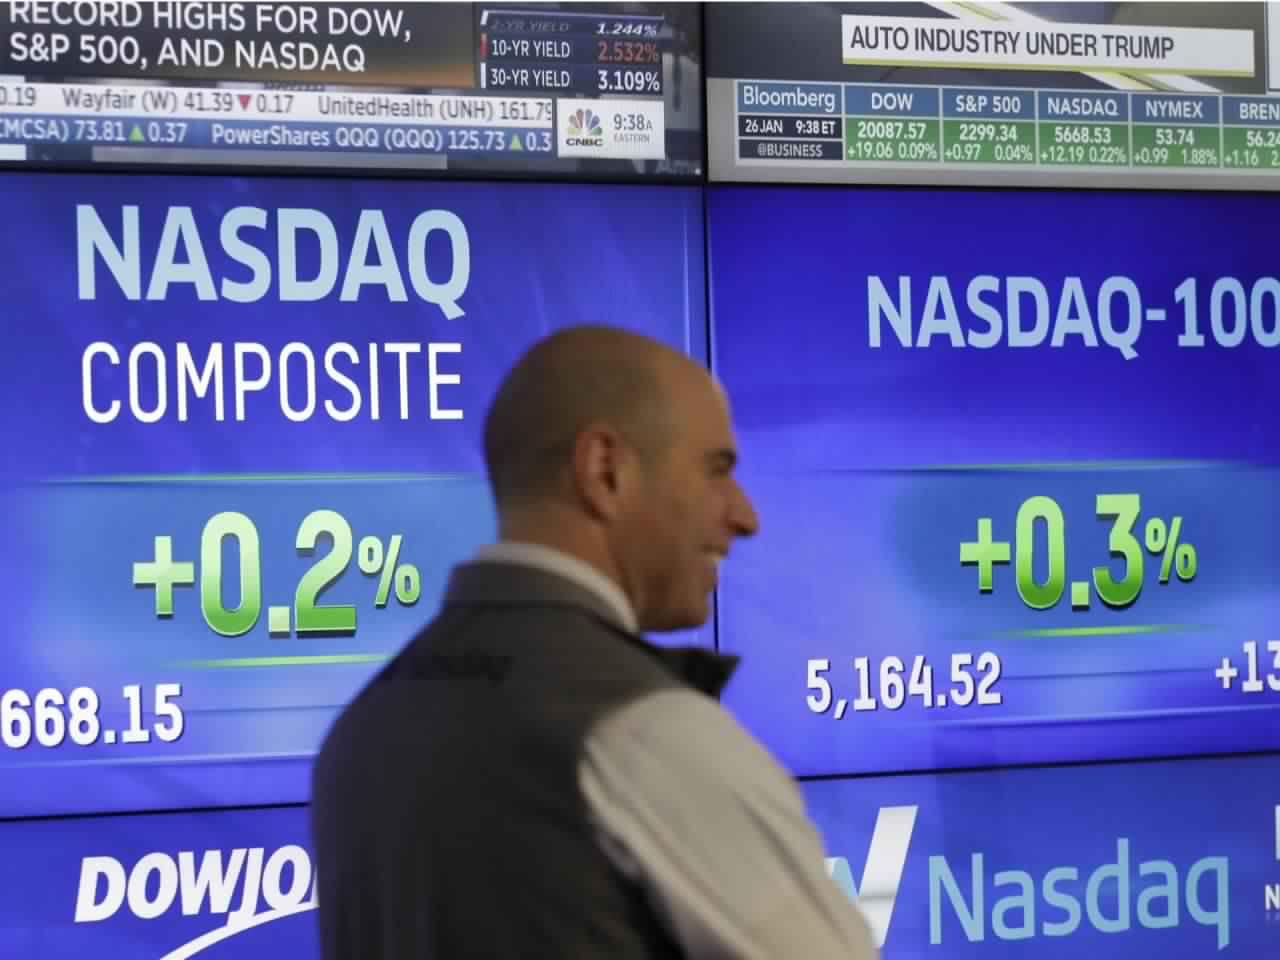 الأسهم الأمريكية تنتعش بعد يوم من تراجع ناسداك الى منطقة التصحيح